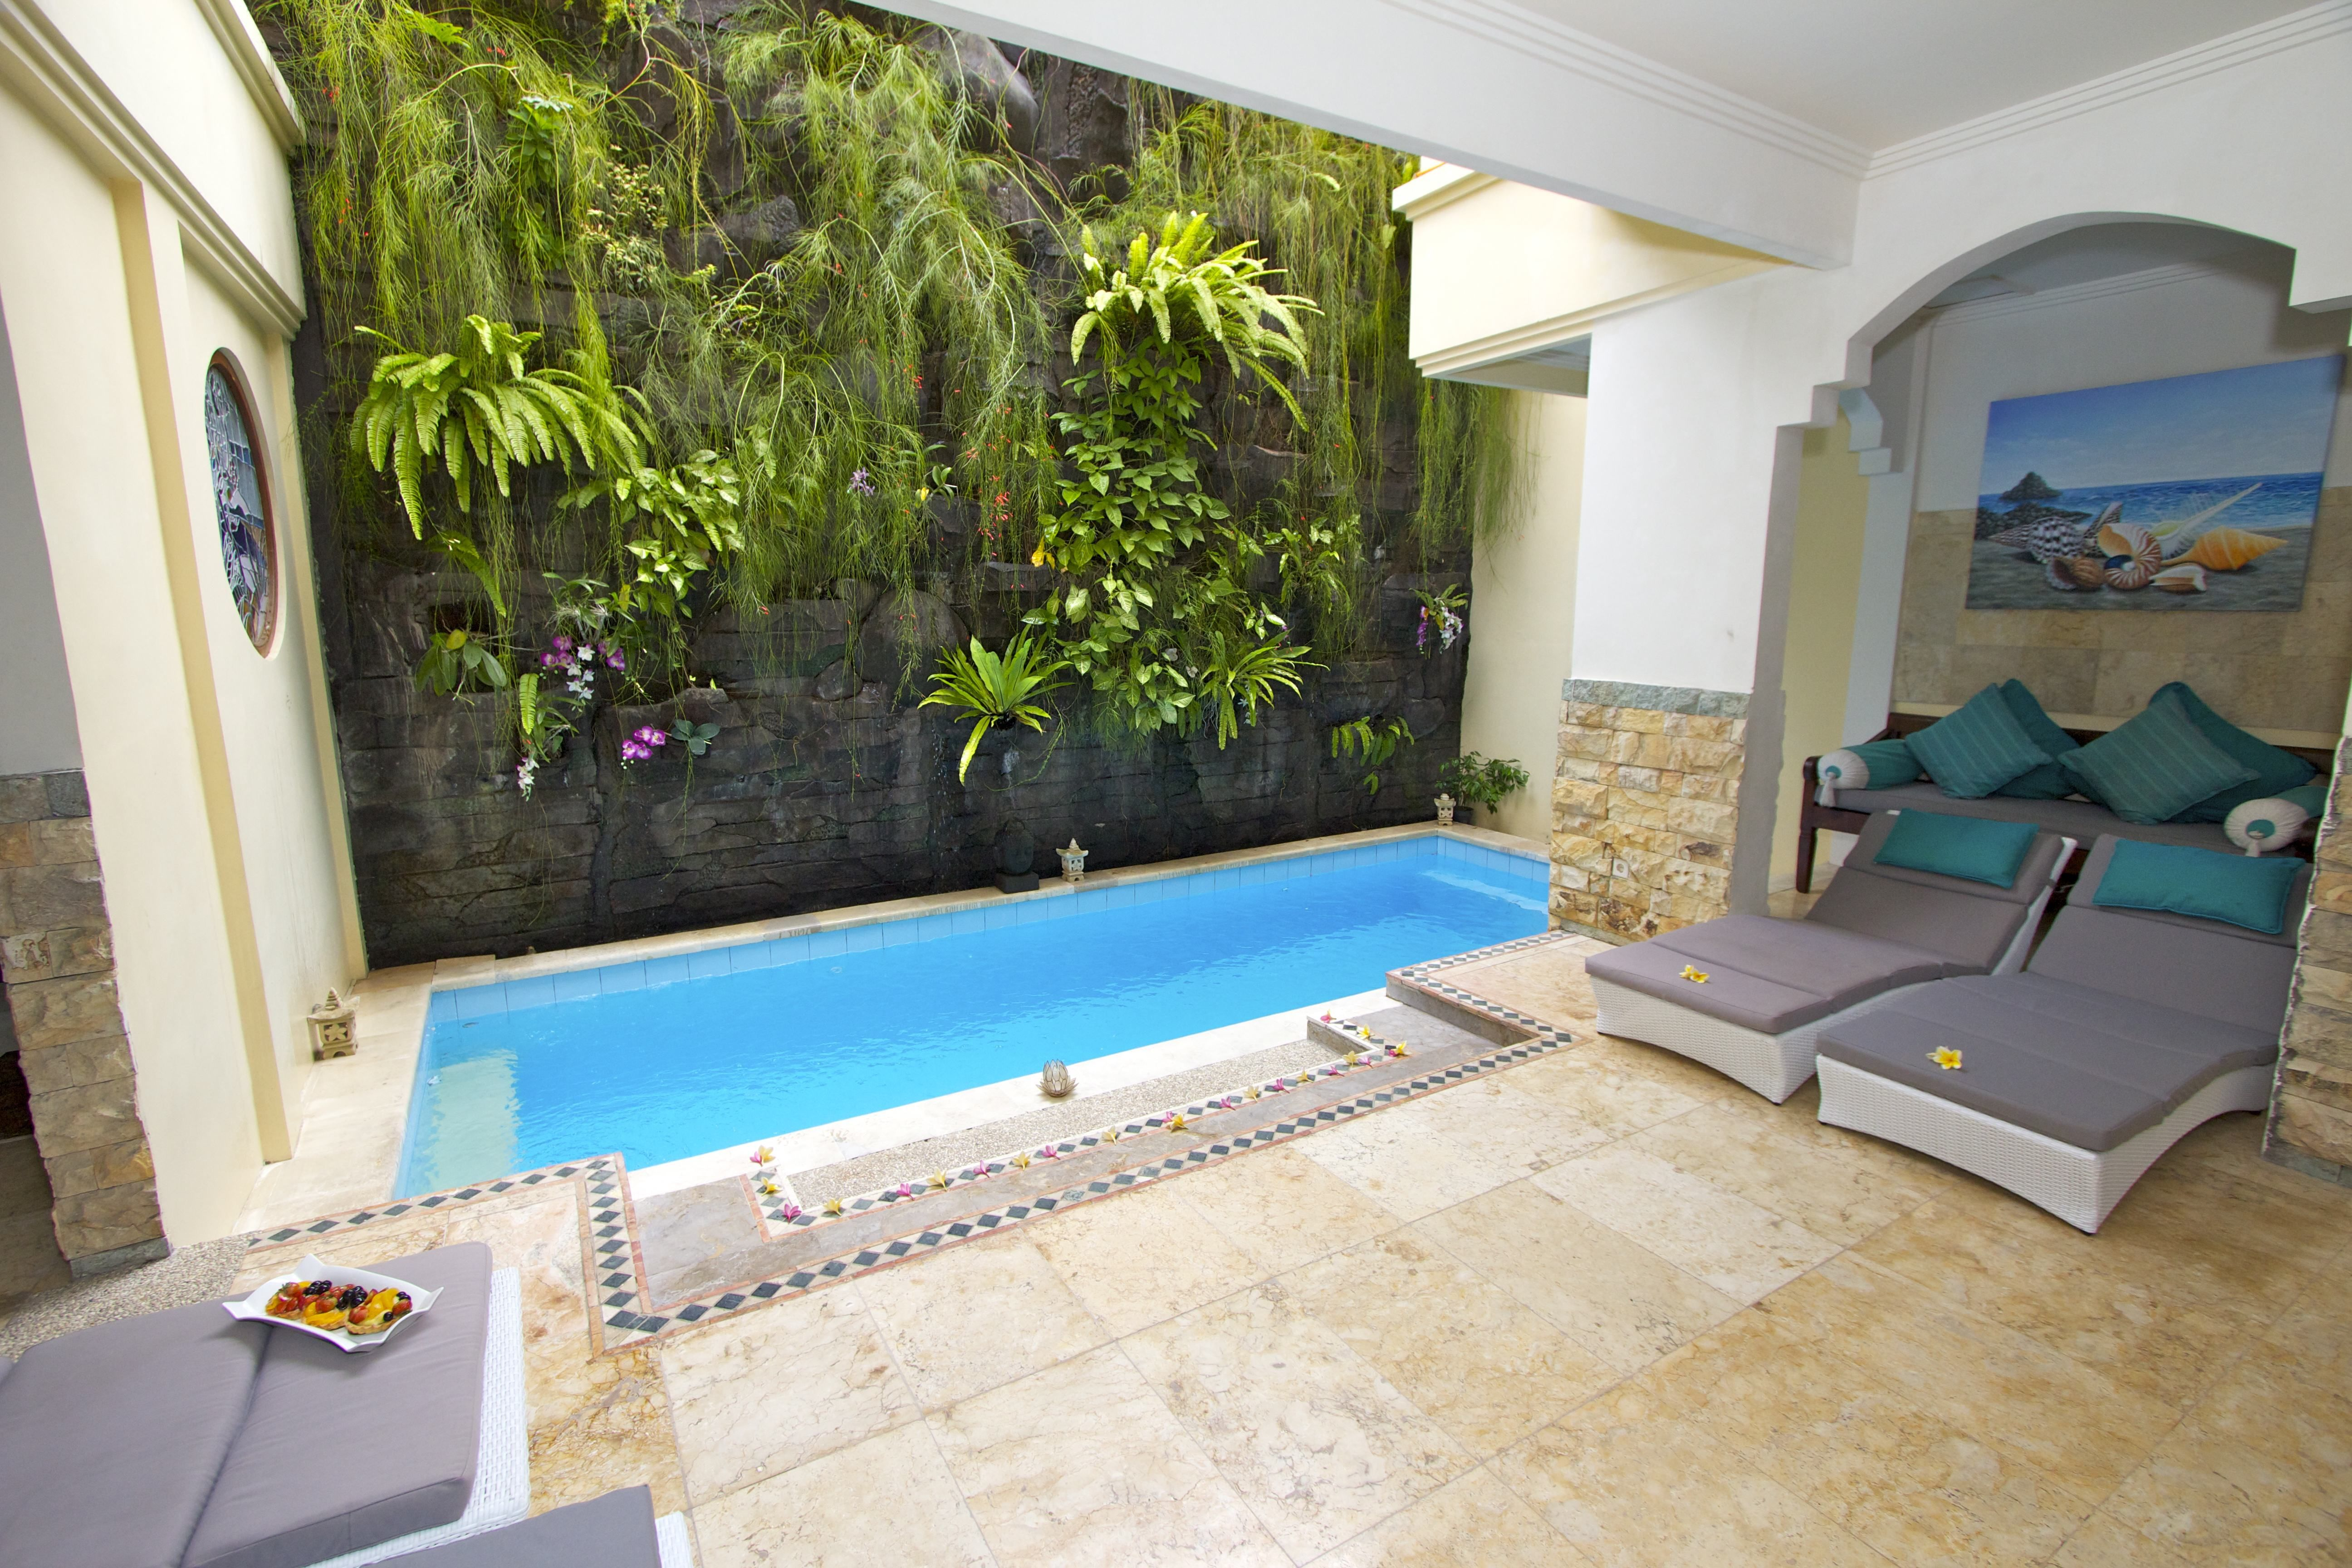 Kuta Royal villa C1. Close up of pool.